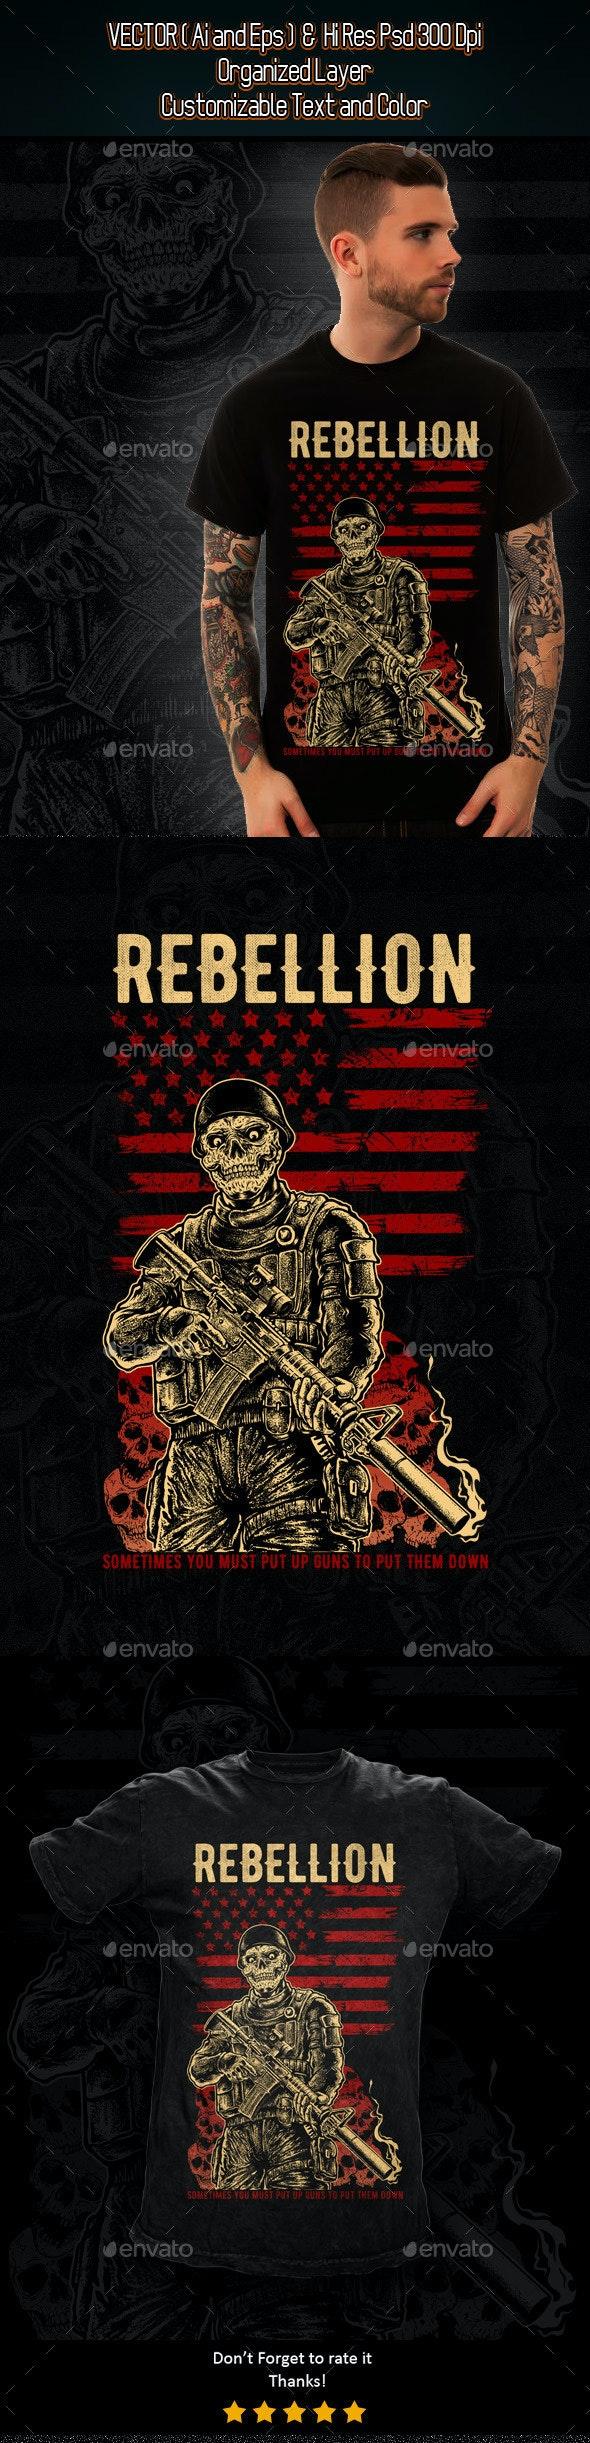 Rebellion - Grunge Designs